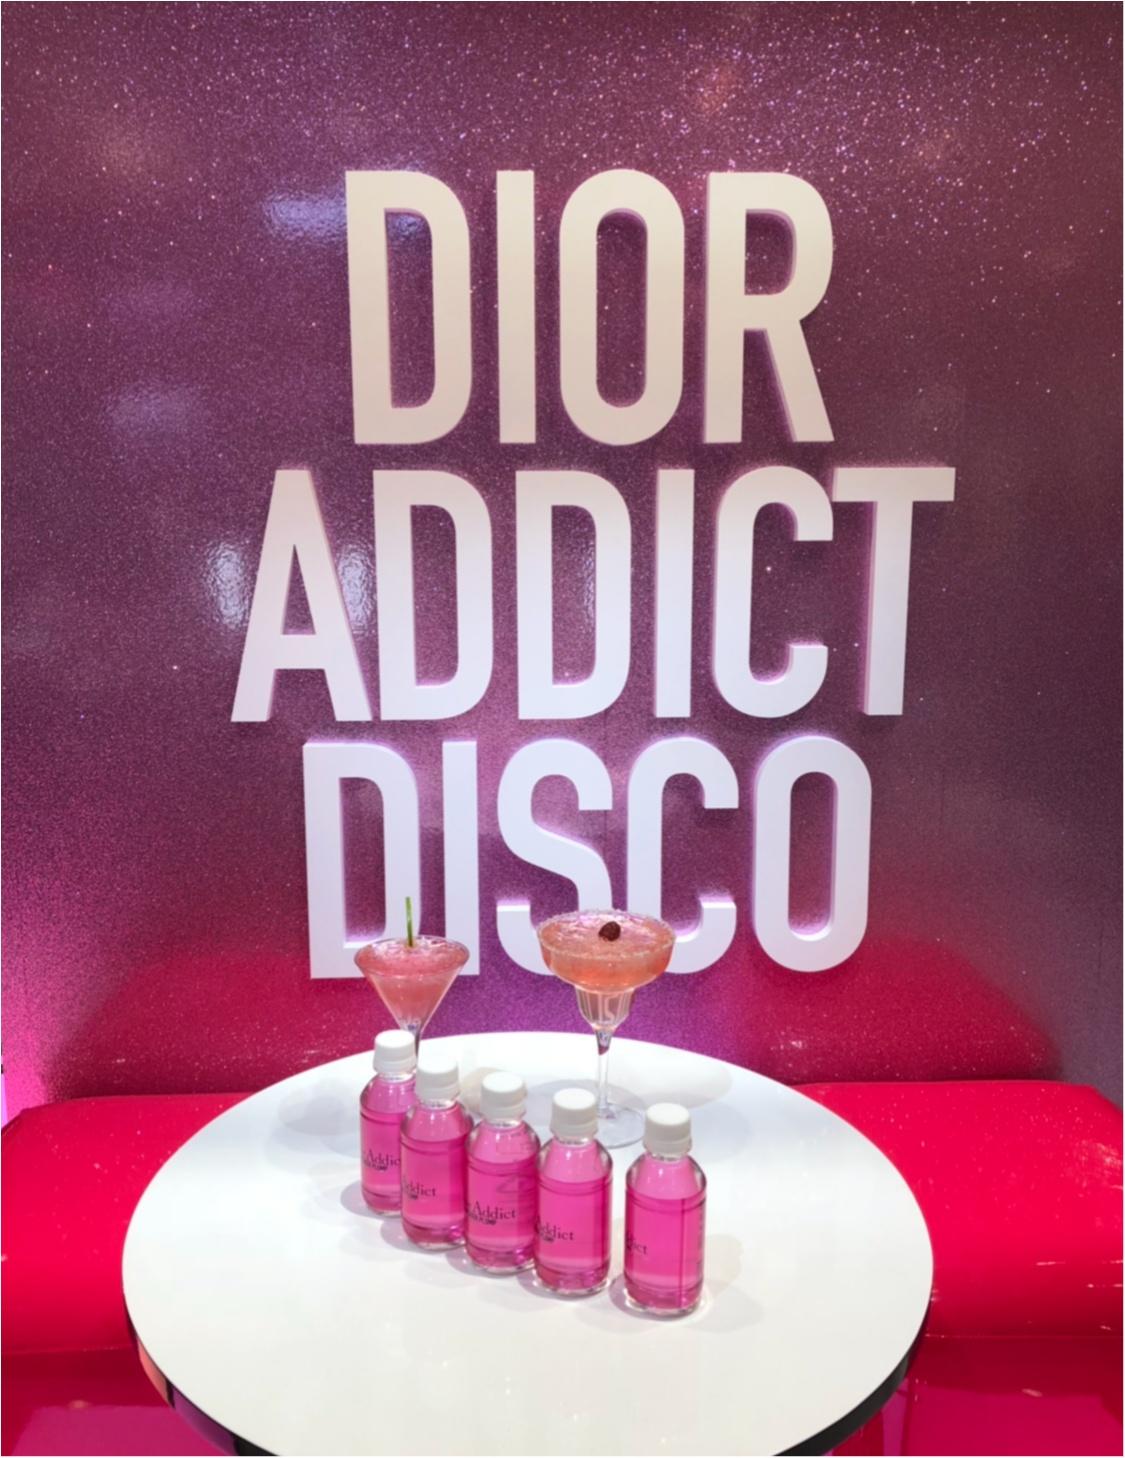 限定ノベルティや刻印も❤️【Dior addictラッカープランプ】発売記念イベントに行ってきました!_1